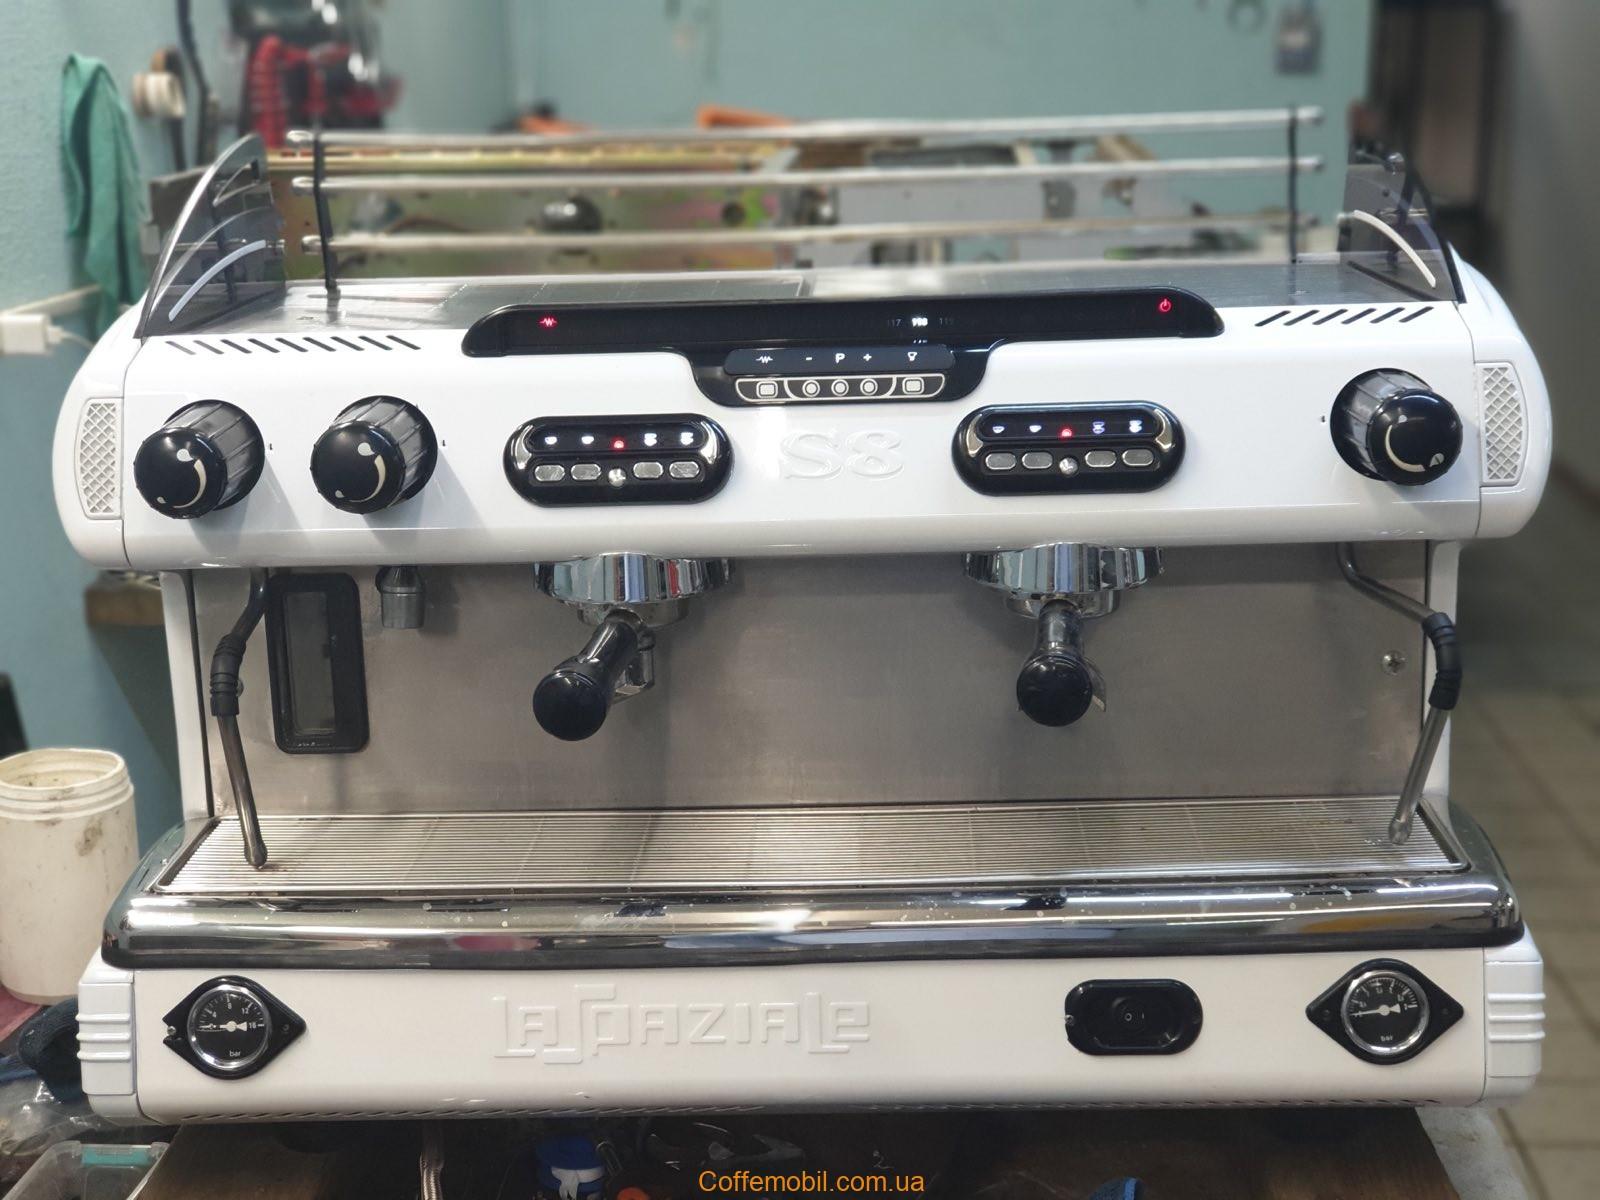 Профессиональная кофеварка Spaziale s8 2gr